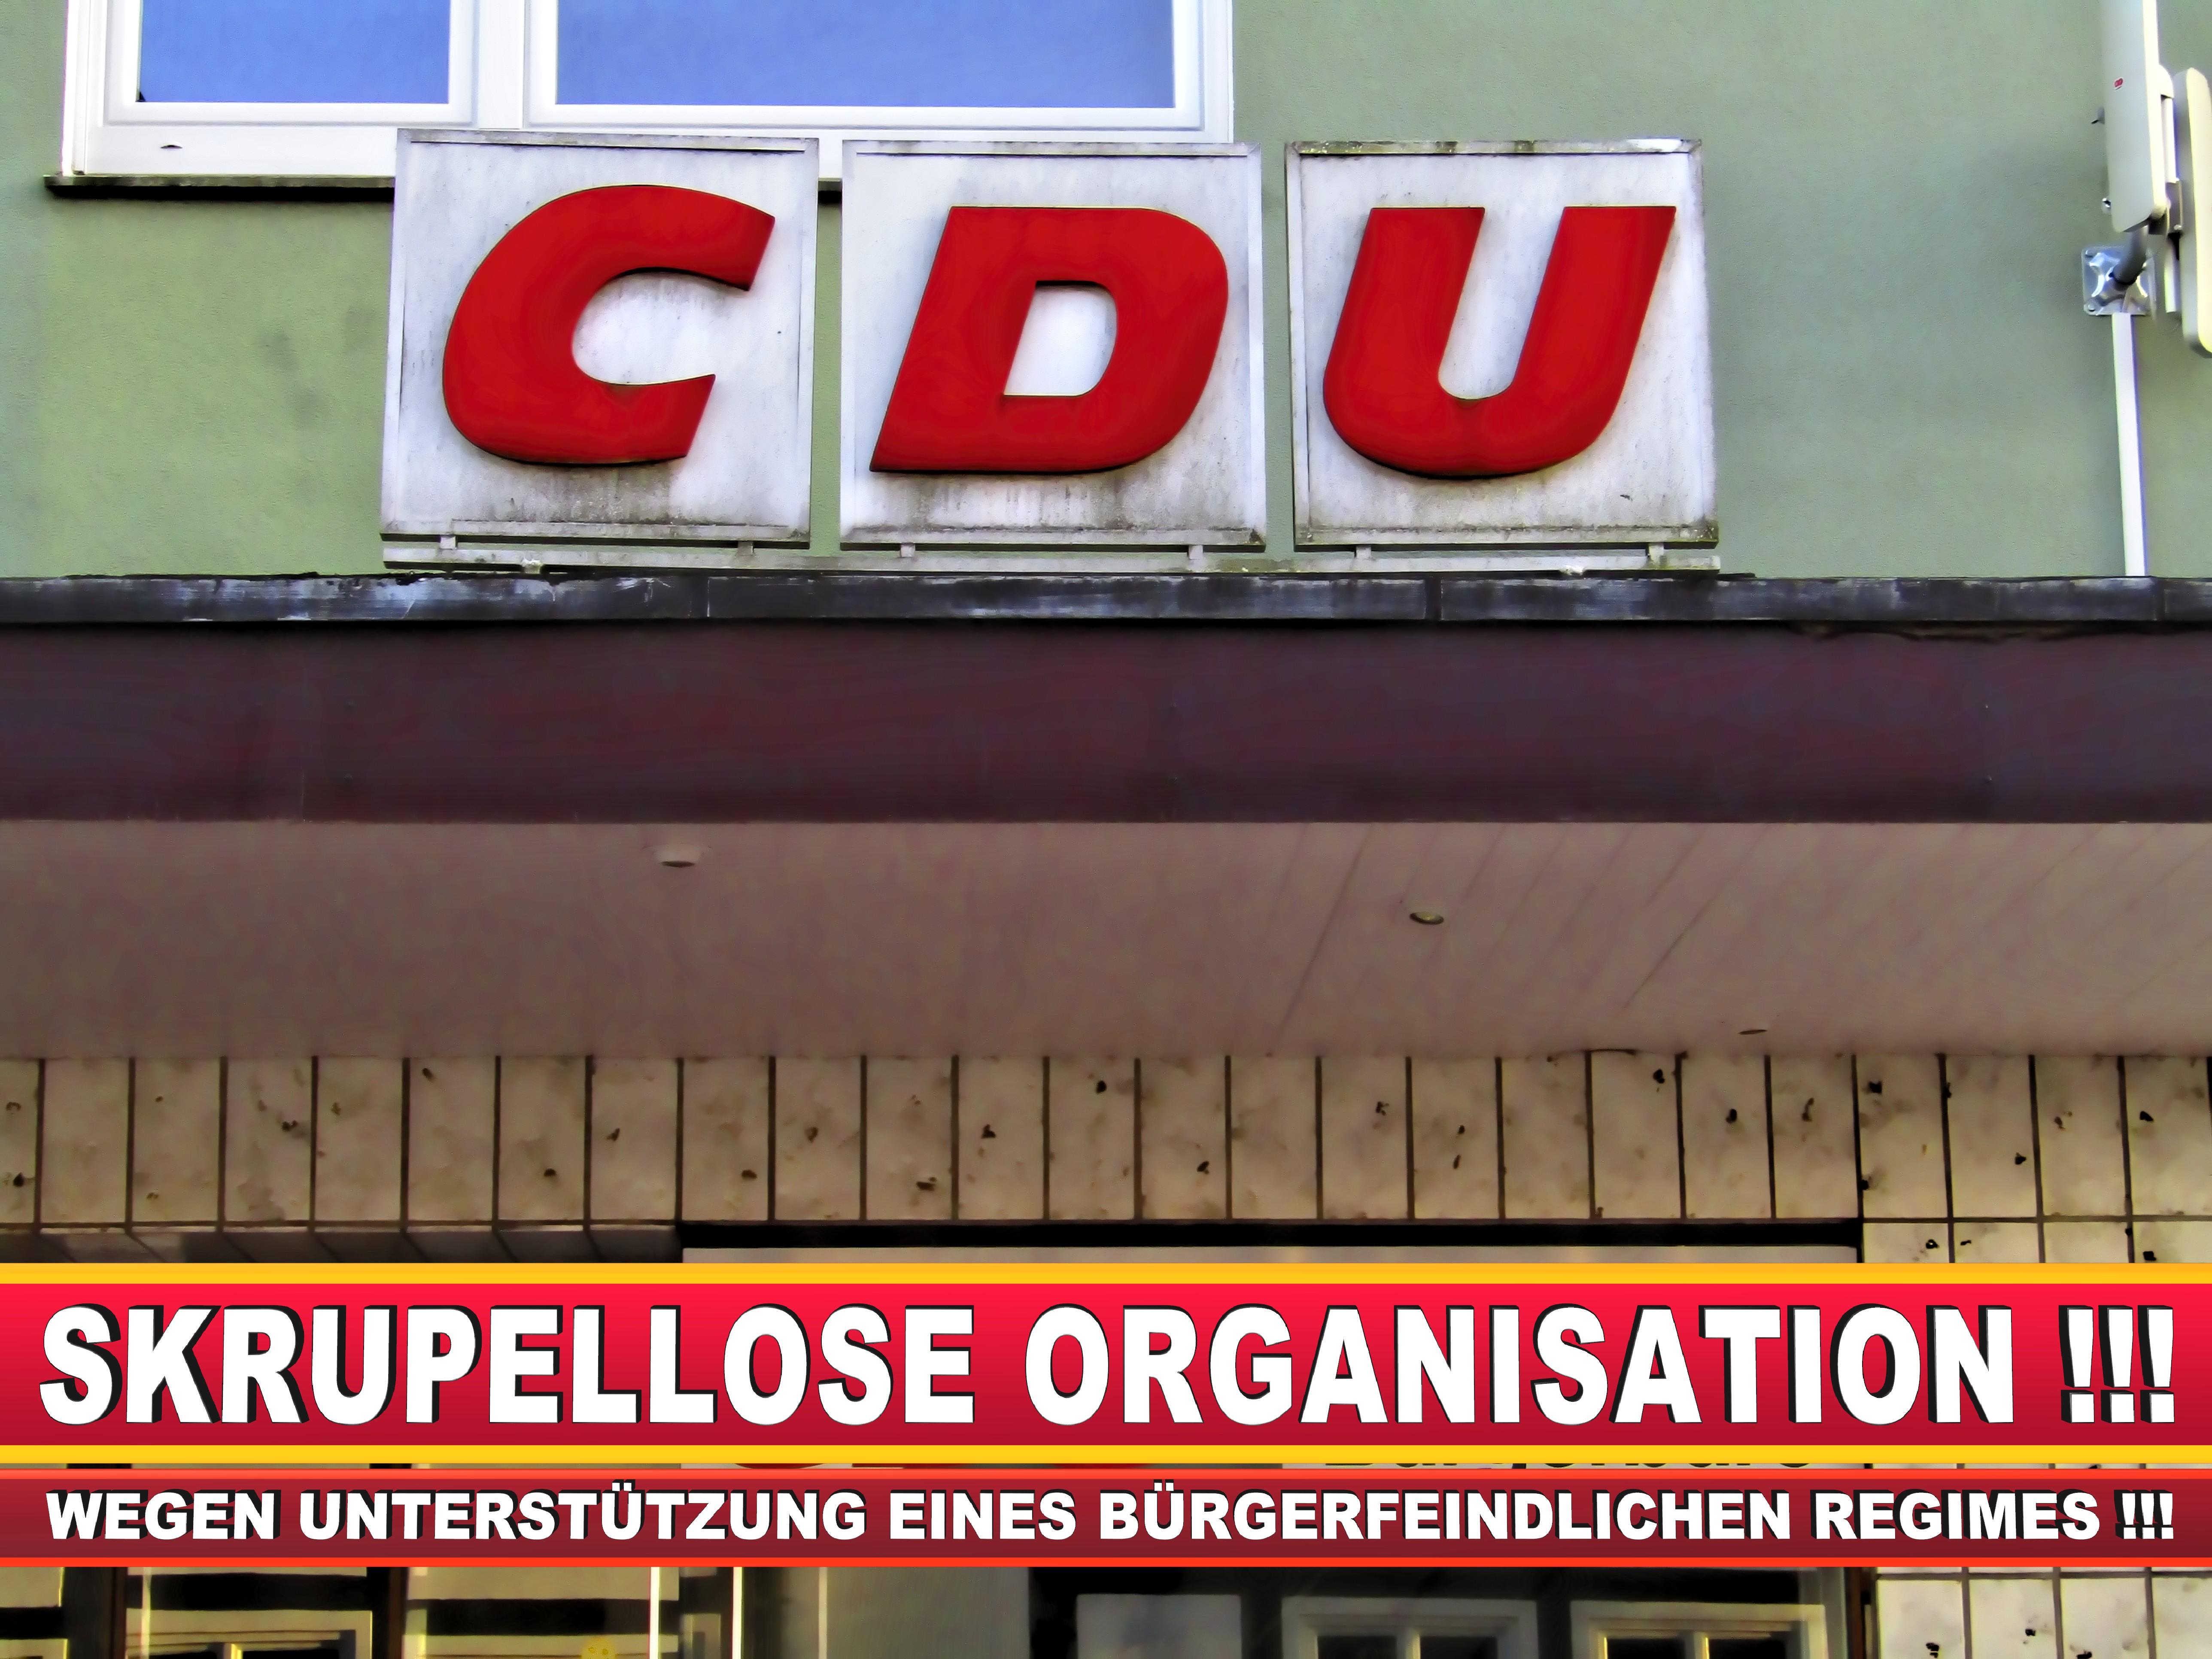 CDU GEMEINDEVERBAND STEINHAGEN AM MARKT 13 33803 STEINHAGEN NRW ORTSVERBAND CDU STEINHAGEN (4)